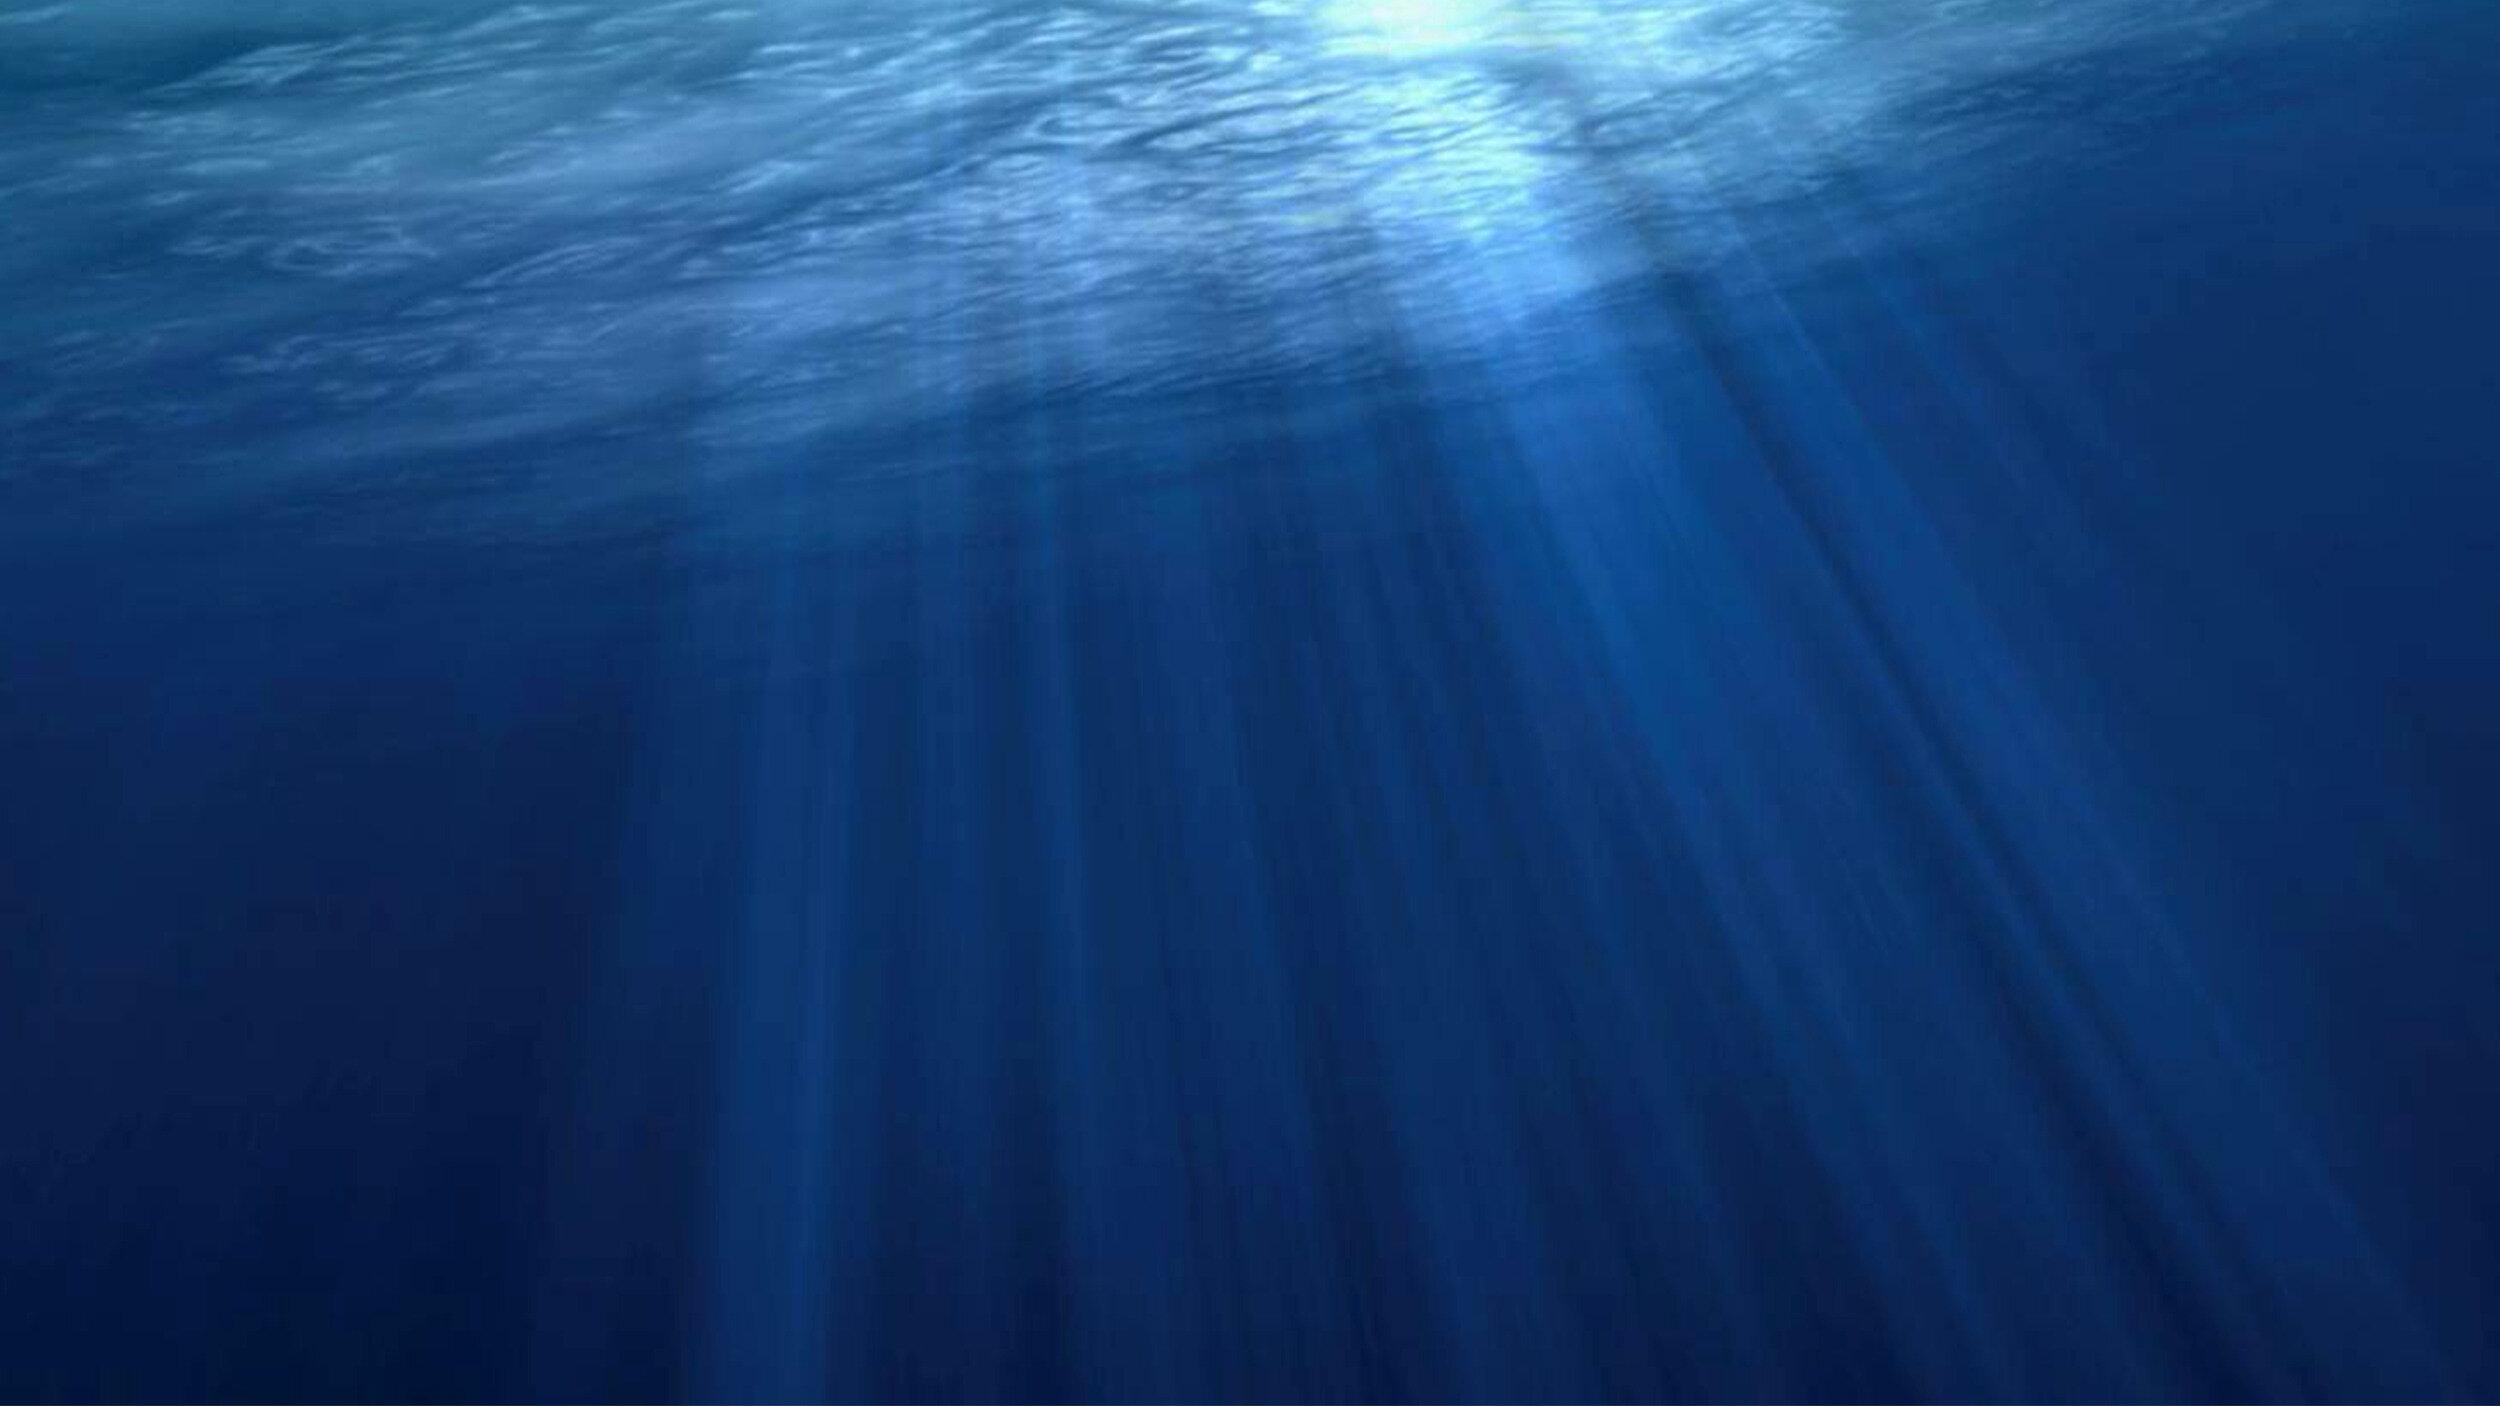 海底完井和修井